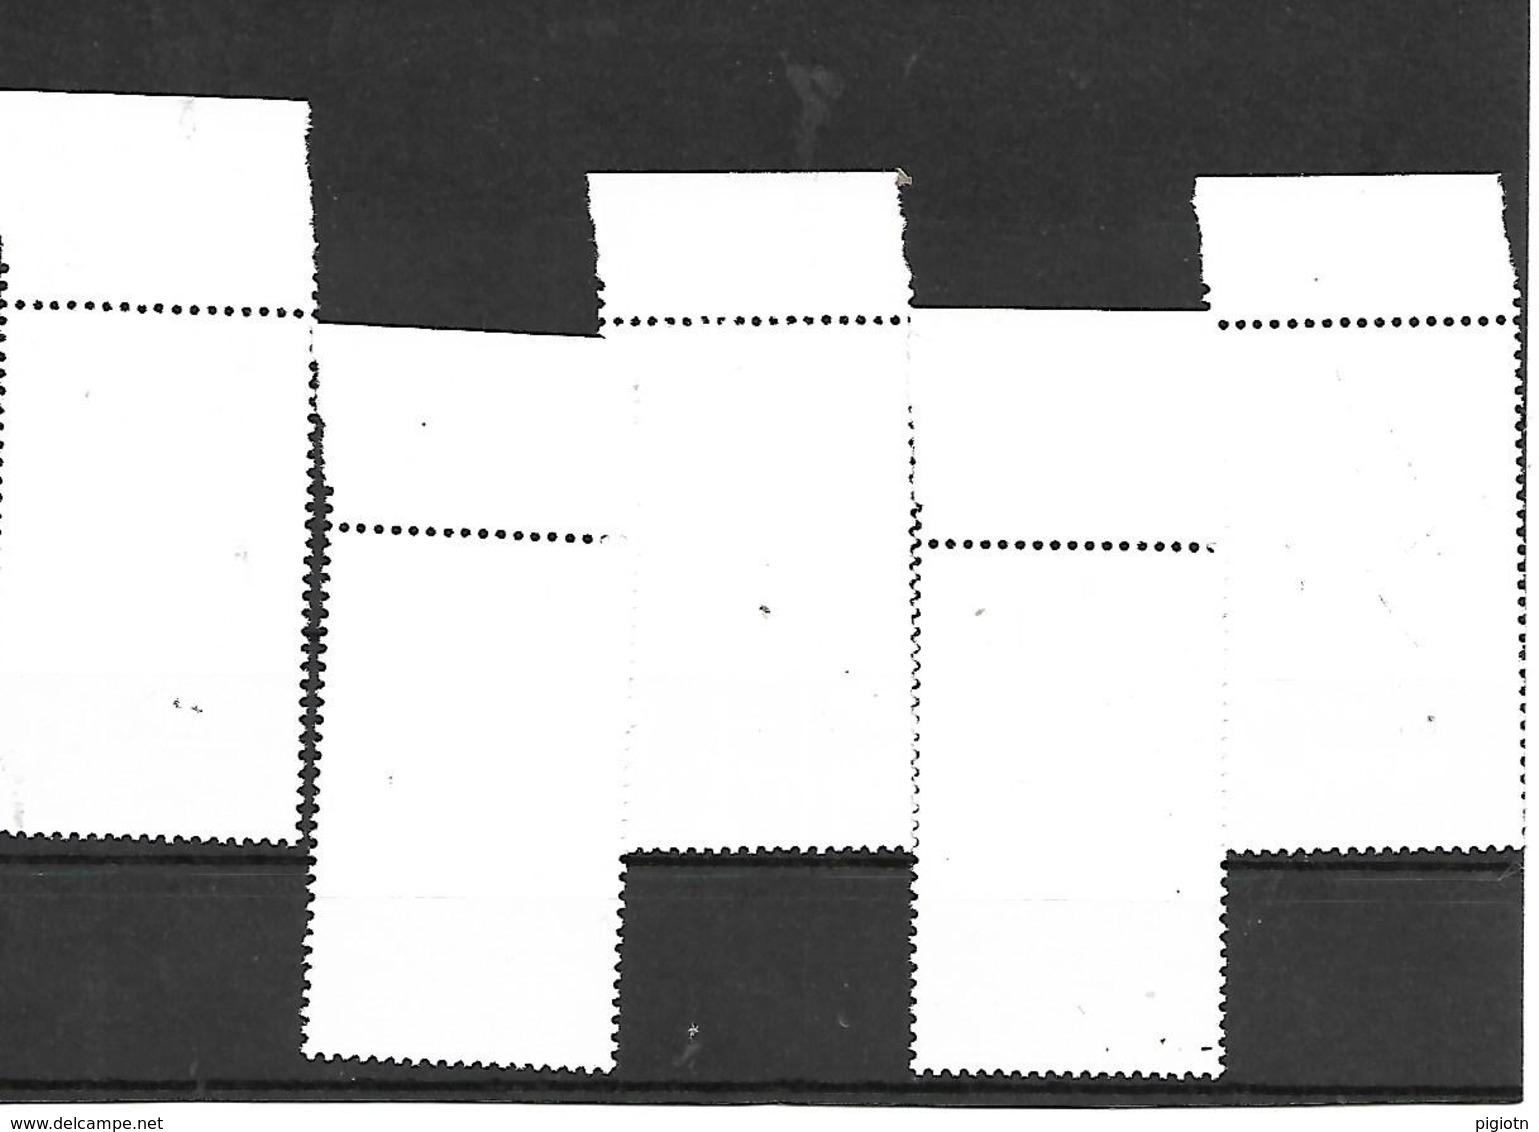 CINA002 - 1965 CINA STAMPS - CONQUISTA DELLE MONTAGNE - NUOVA! GOMMA INTEGRA PERFETTA ** - 1949 - ... Repubblica Popolare